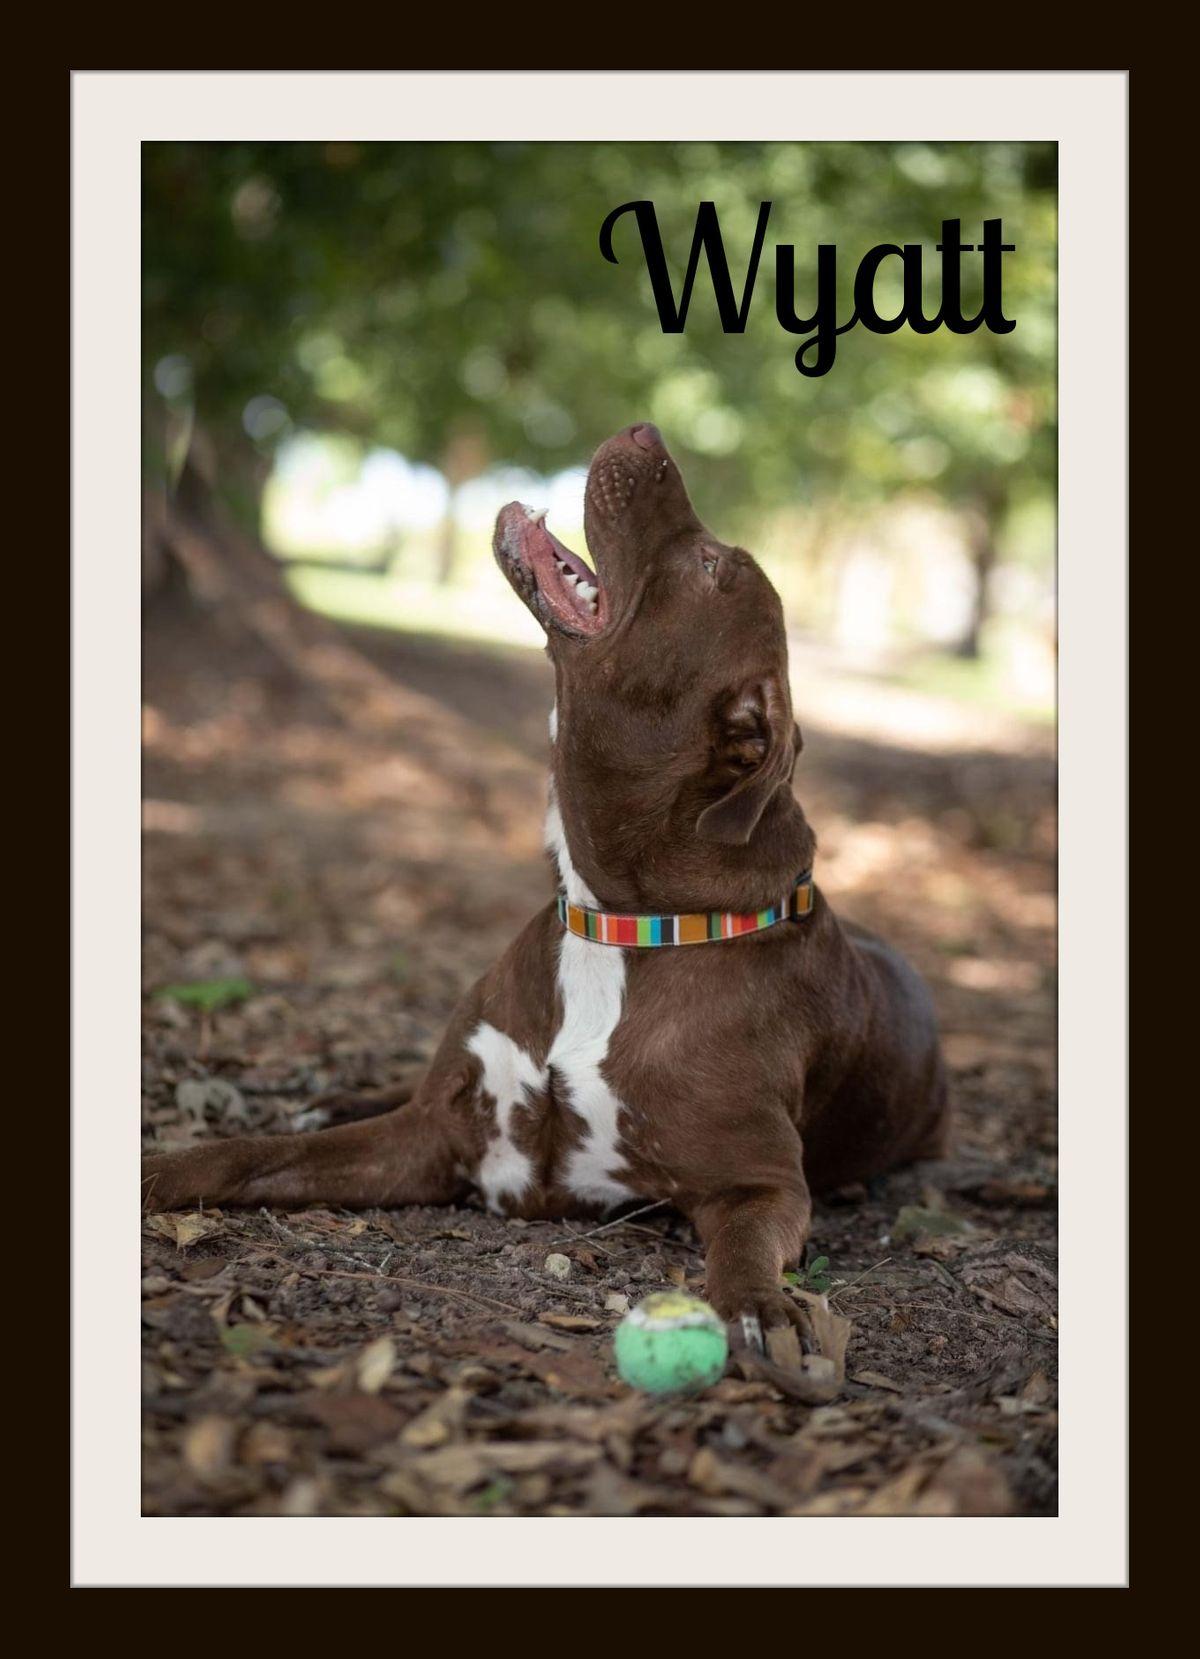 Wyatt3.jpg